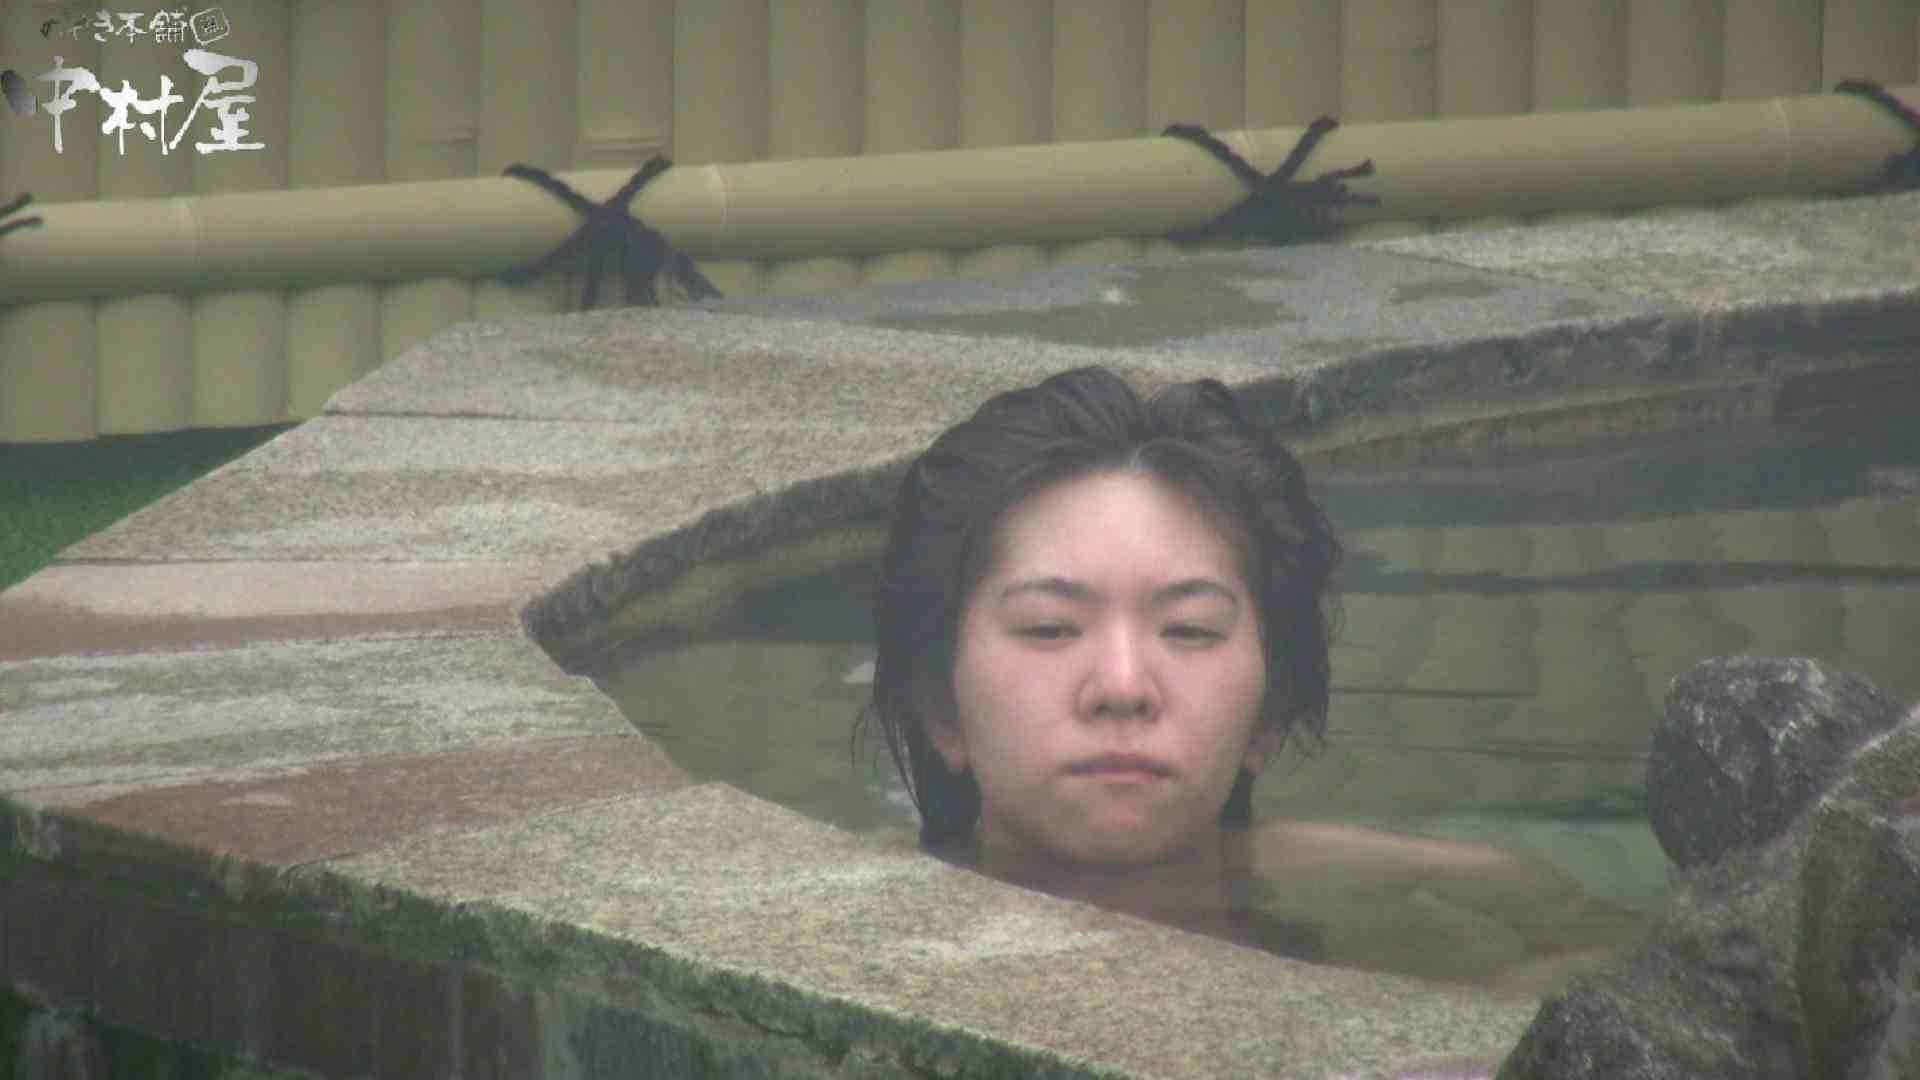 Aquaな露天風呂Vol.907 盗撮   OLのエロ生活  62連発 10